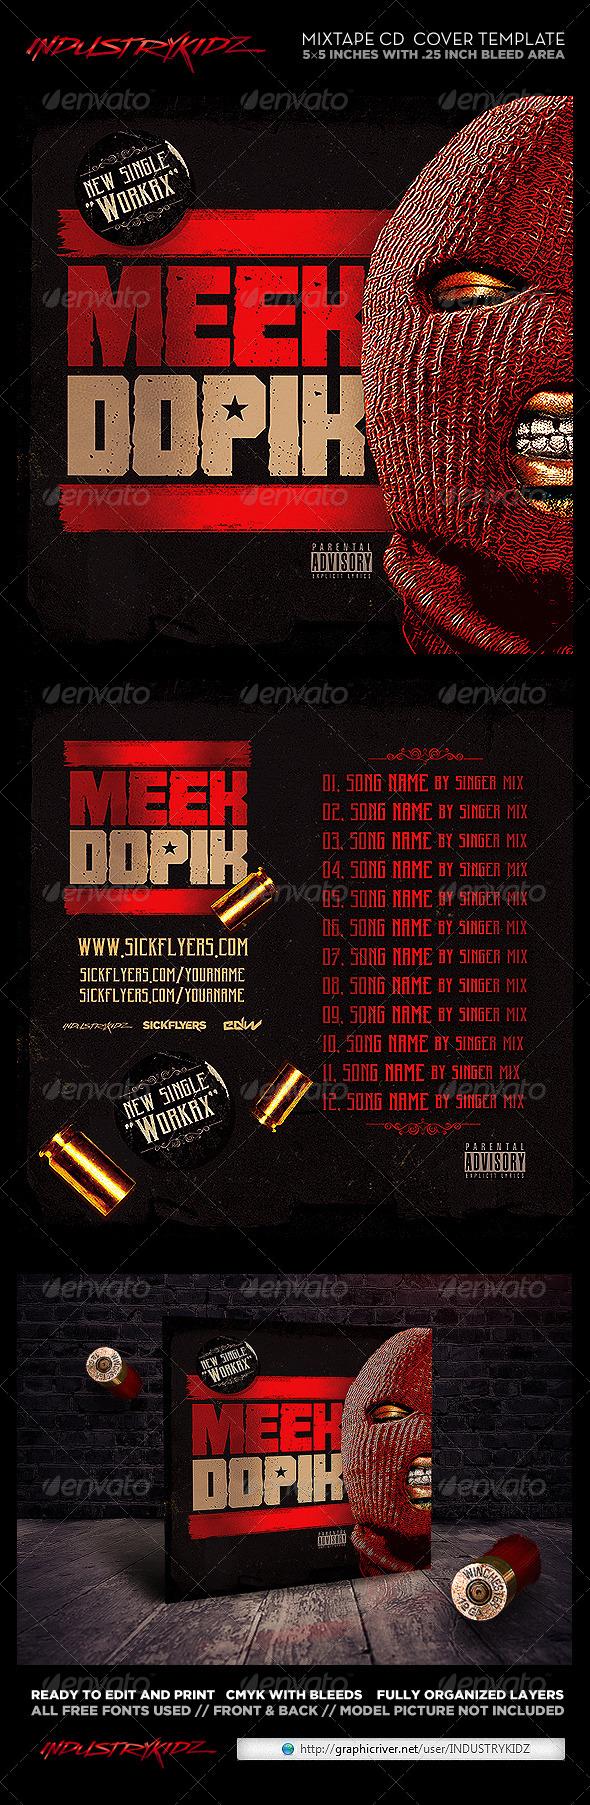 GraphicRiver Mixtape Cover Template PSD Hip Hop 8092257